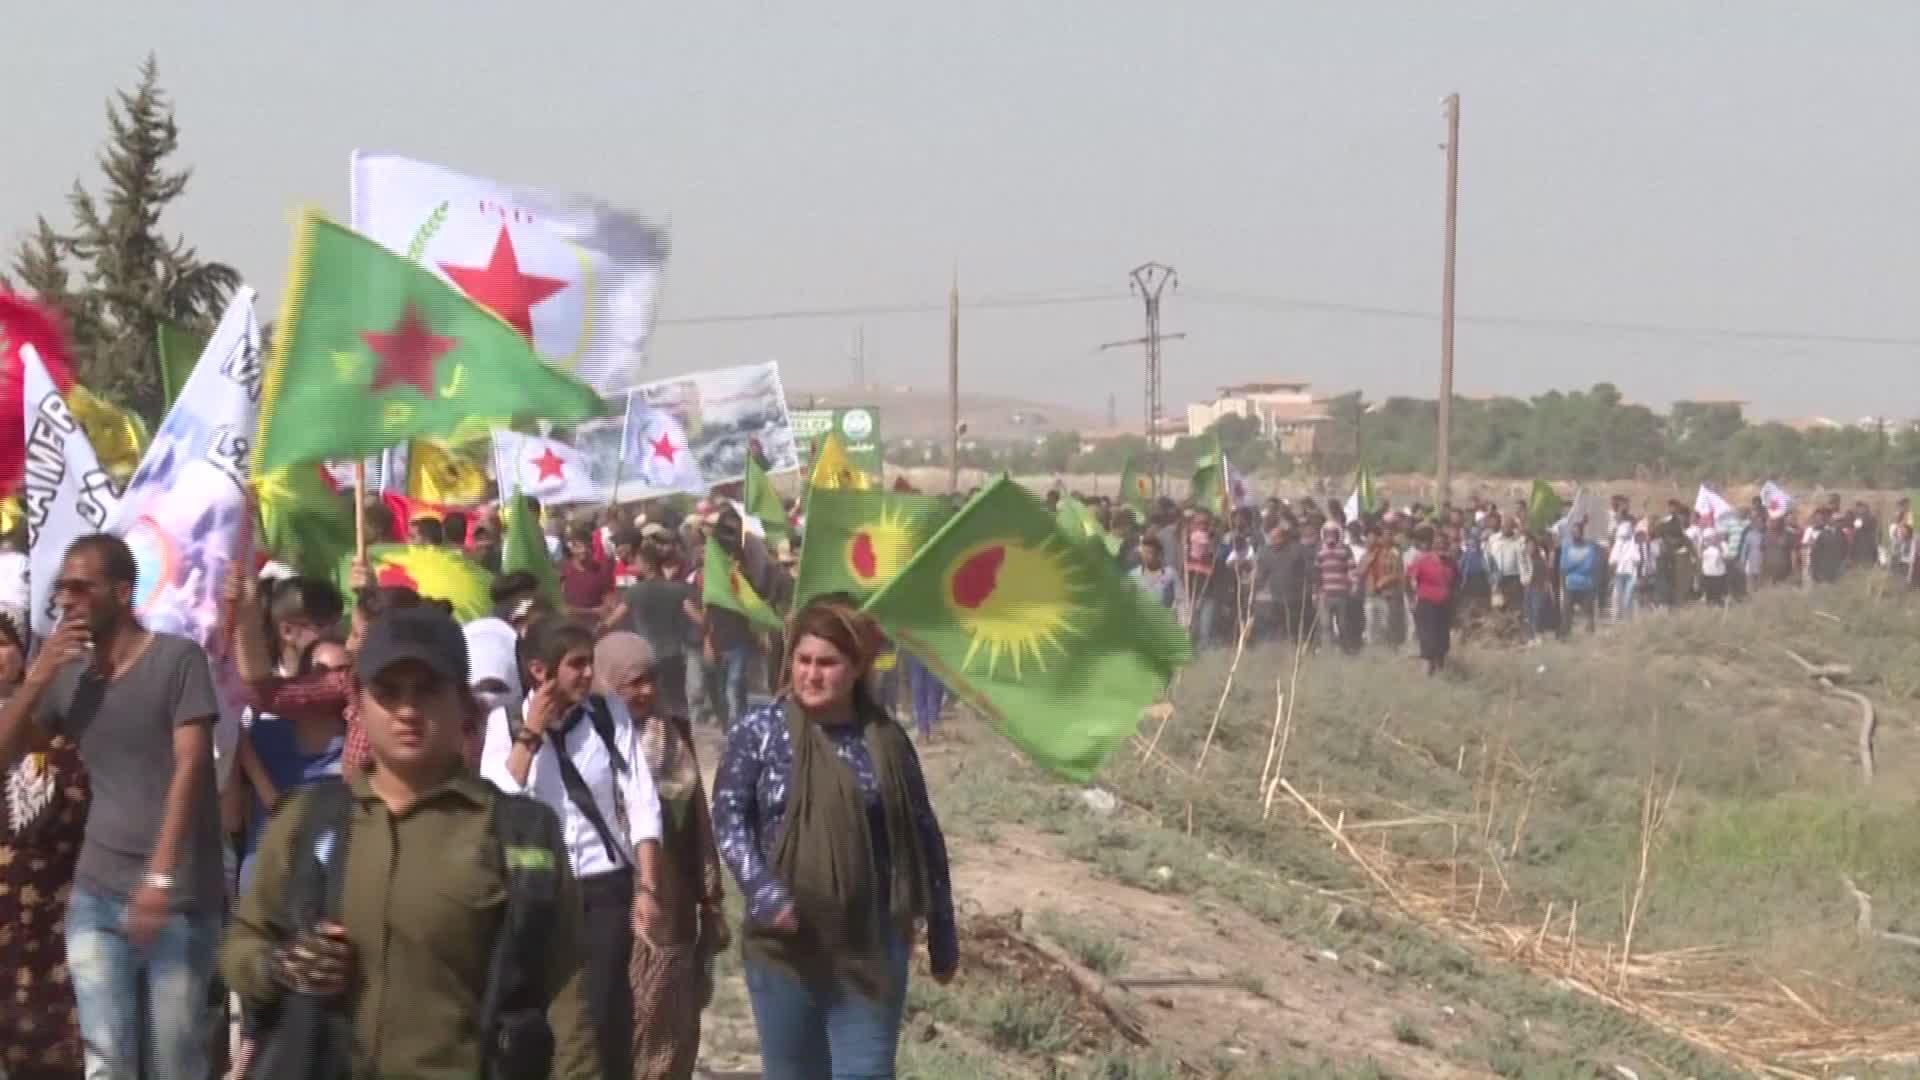 أكراد يحتجون في سوريا ضد تركيا.. وقوات أمريكا تبدأ الانسحاب